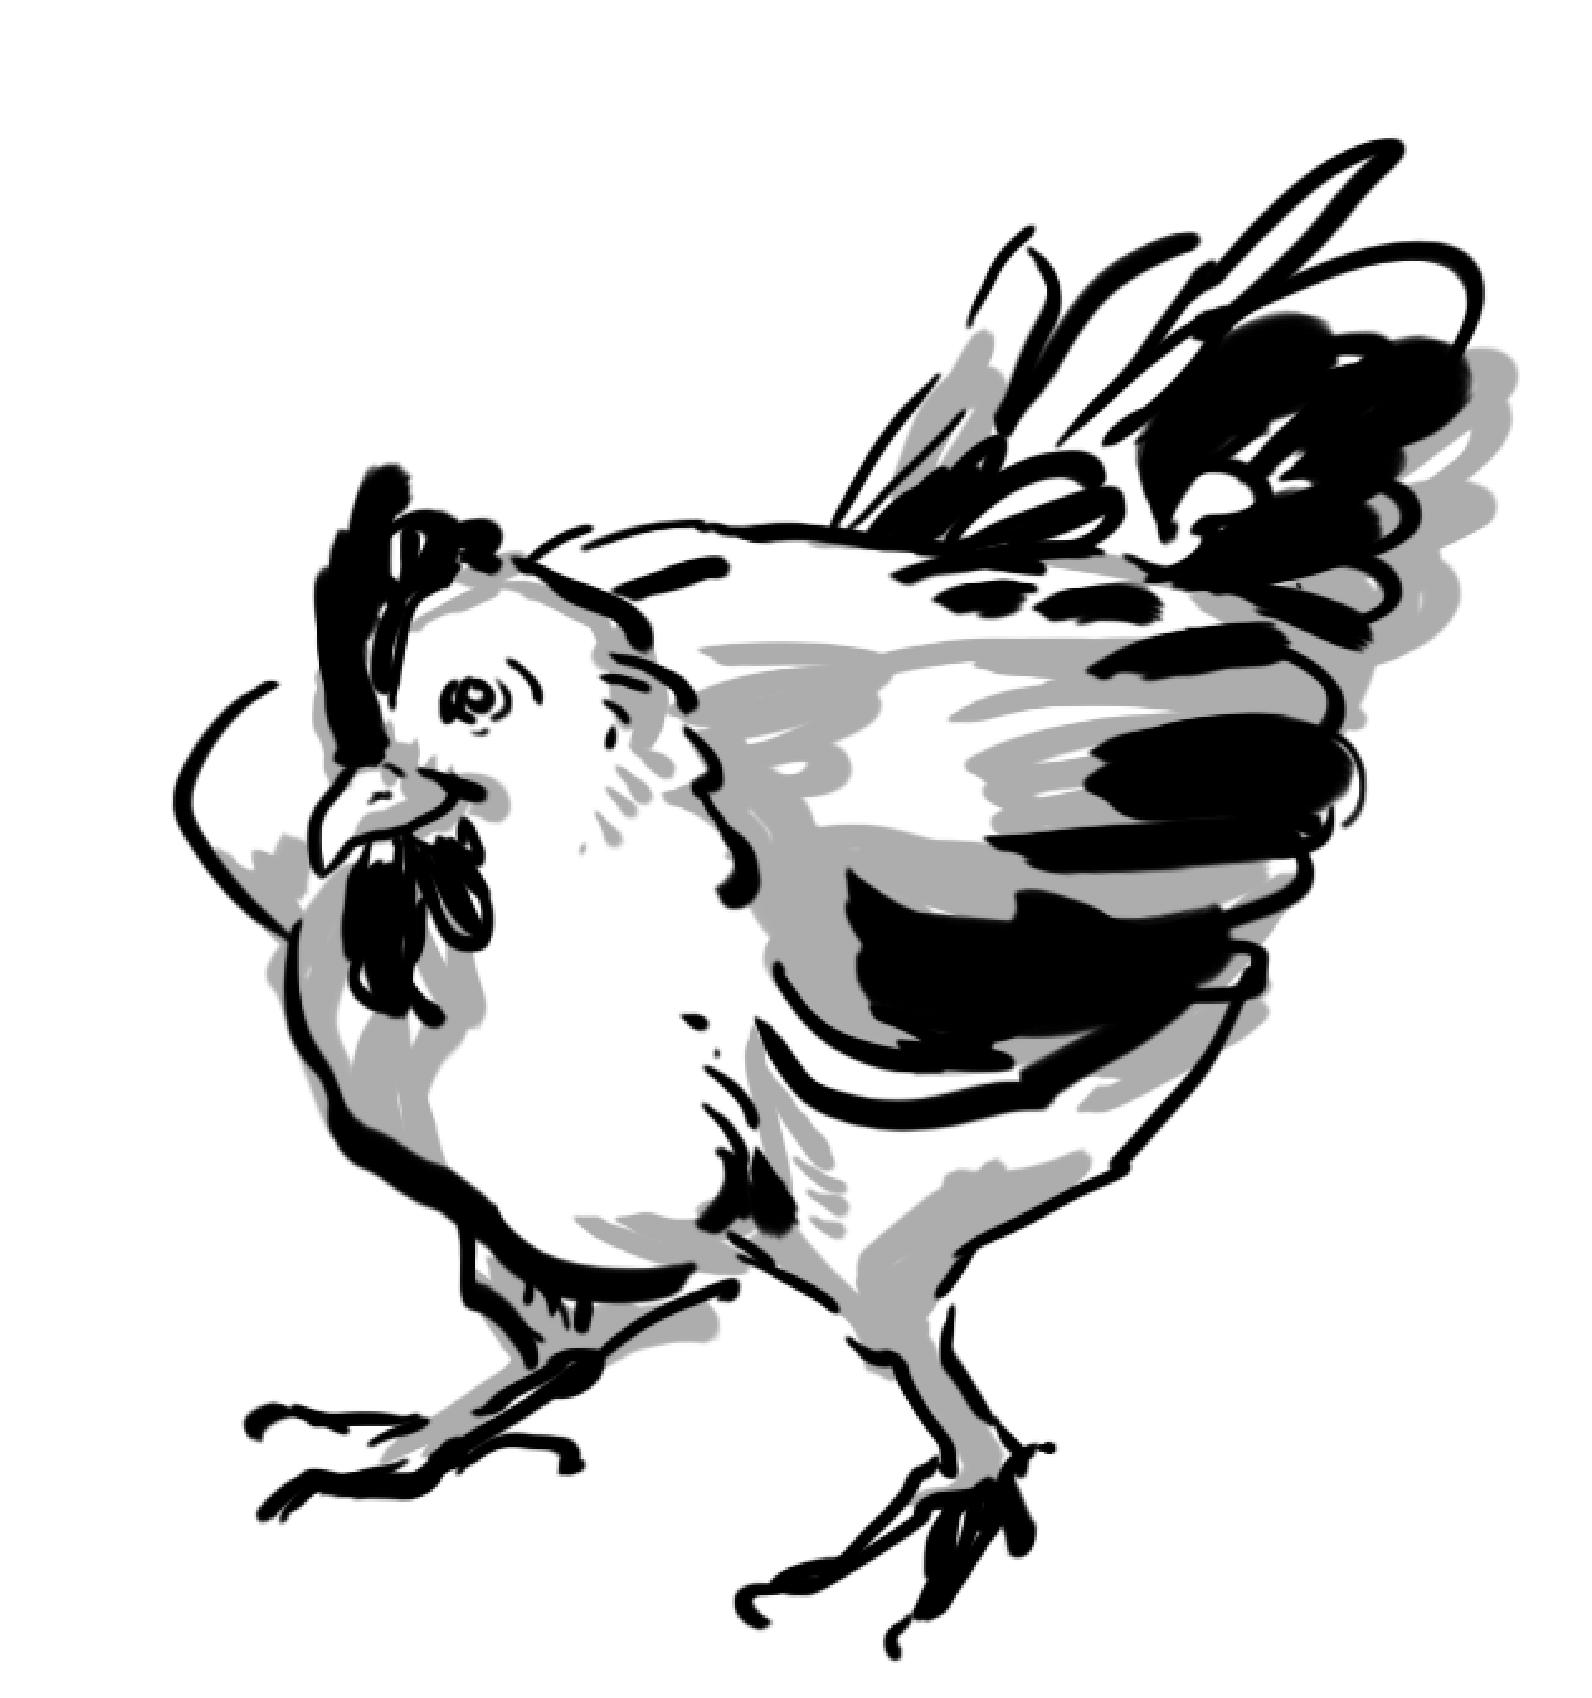 記憶を頼りに鶏を描こう!